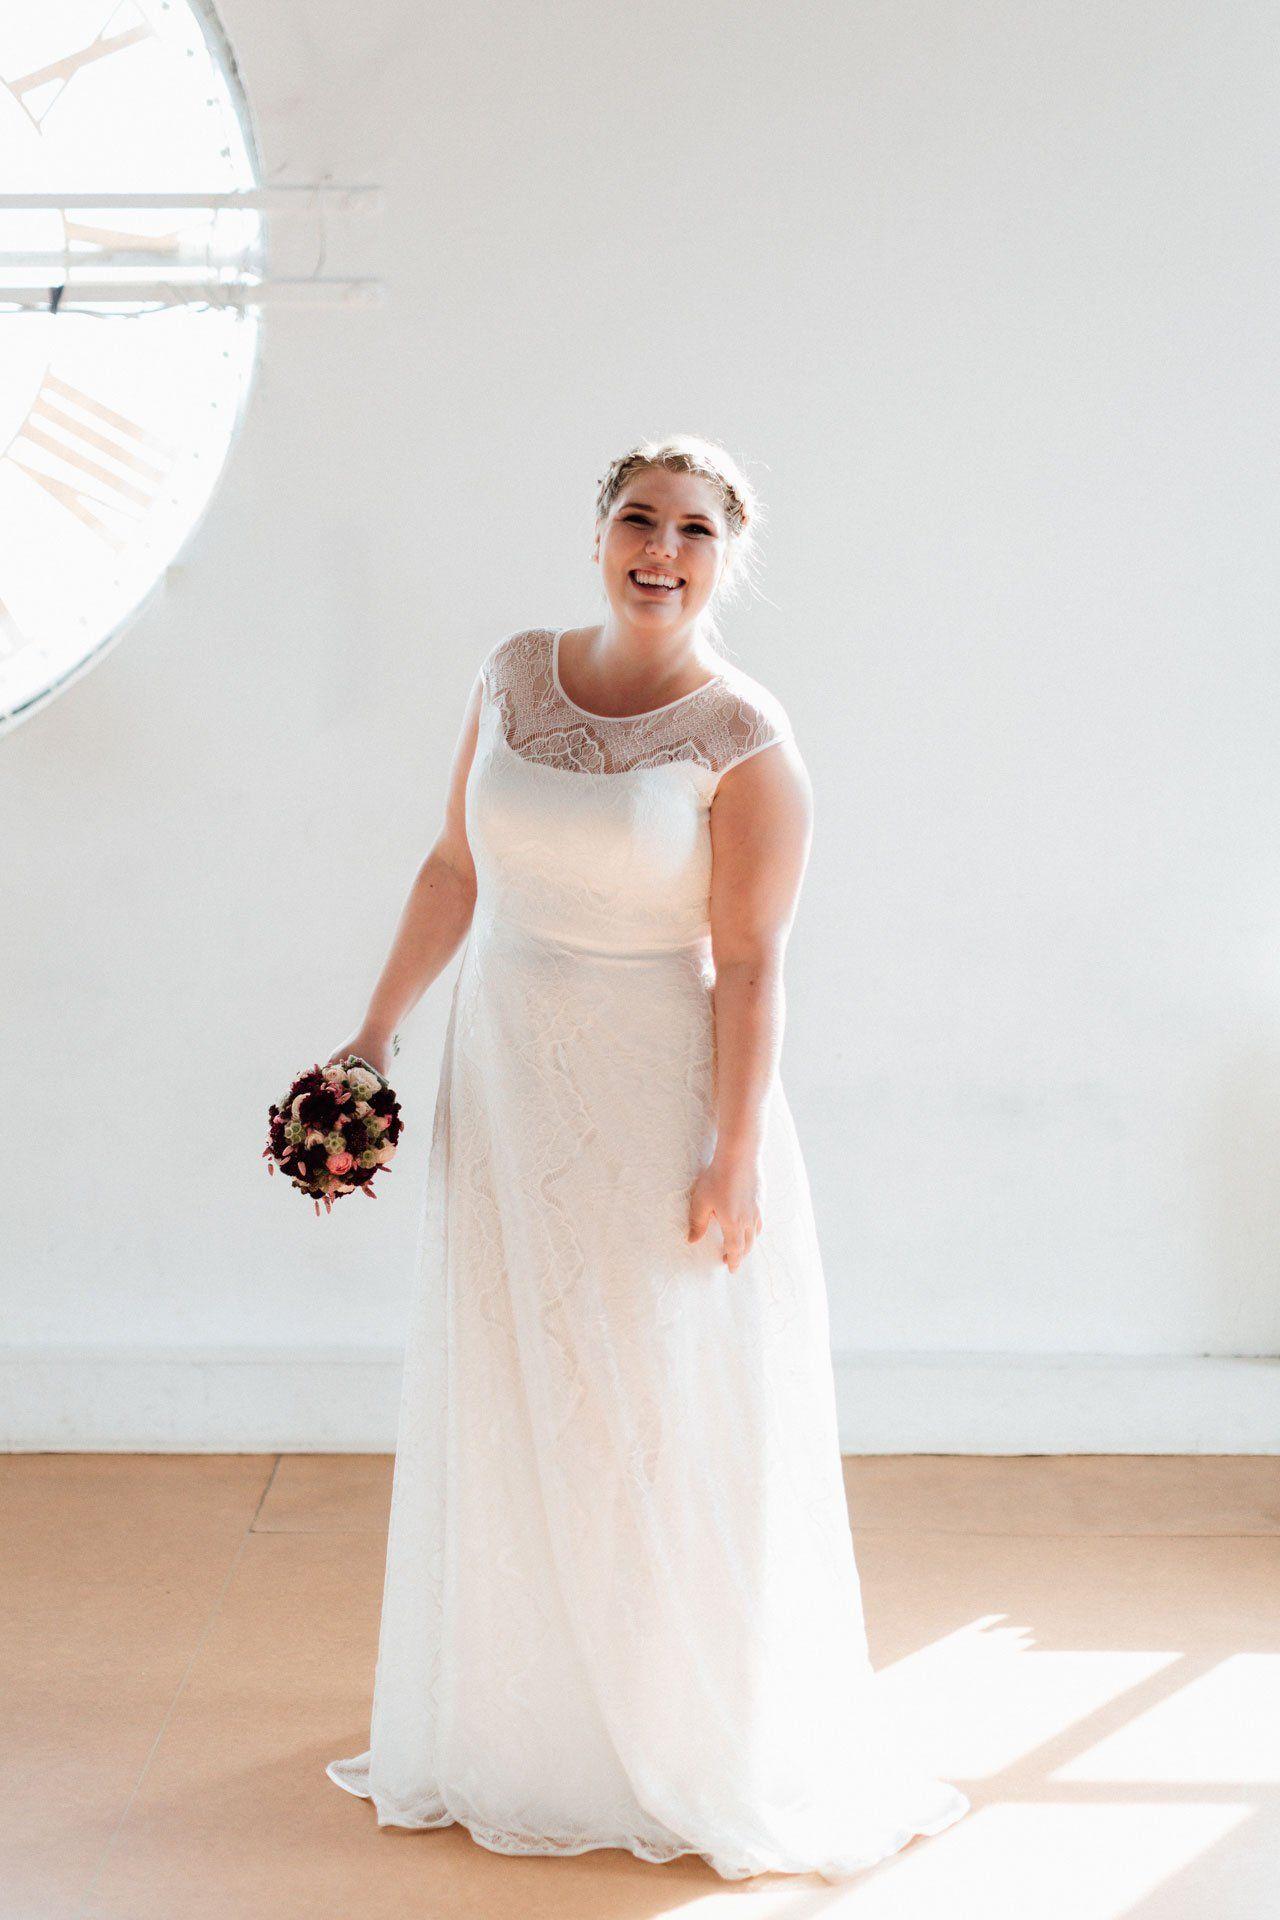 Brautkleider große Größen Nanette  Hochzeitskleid, Braut, Brautkleid